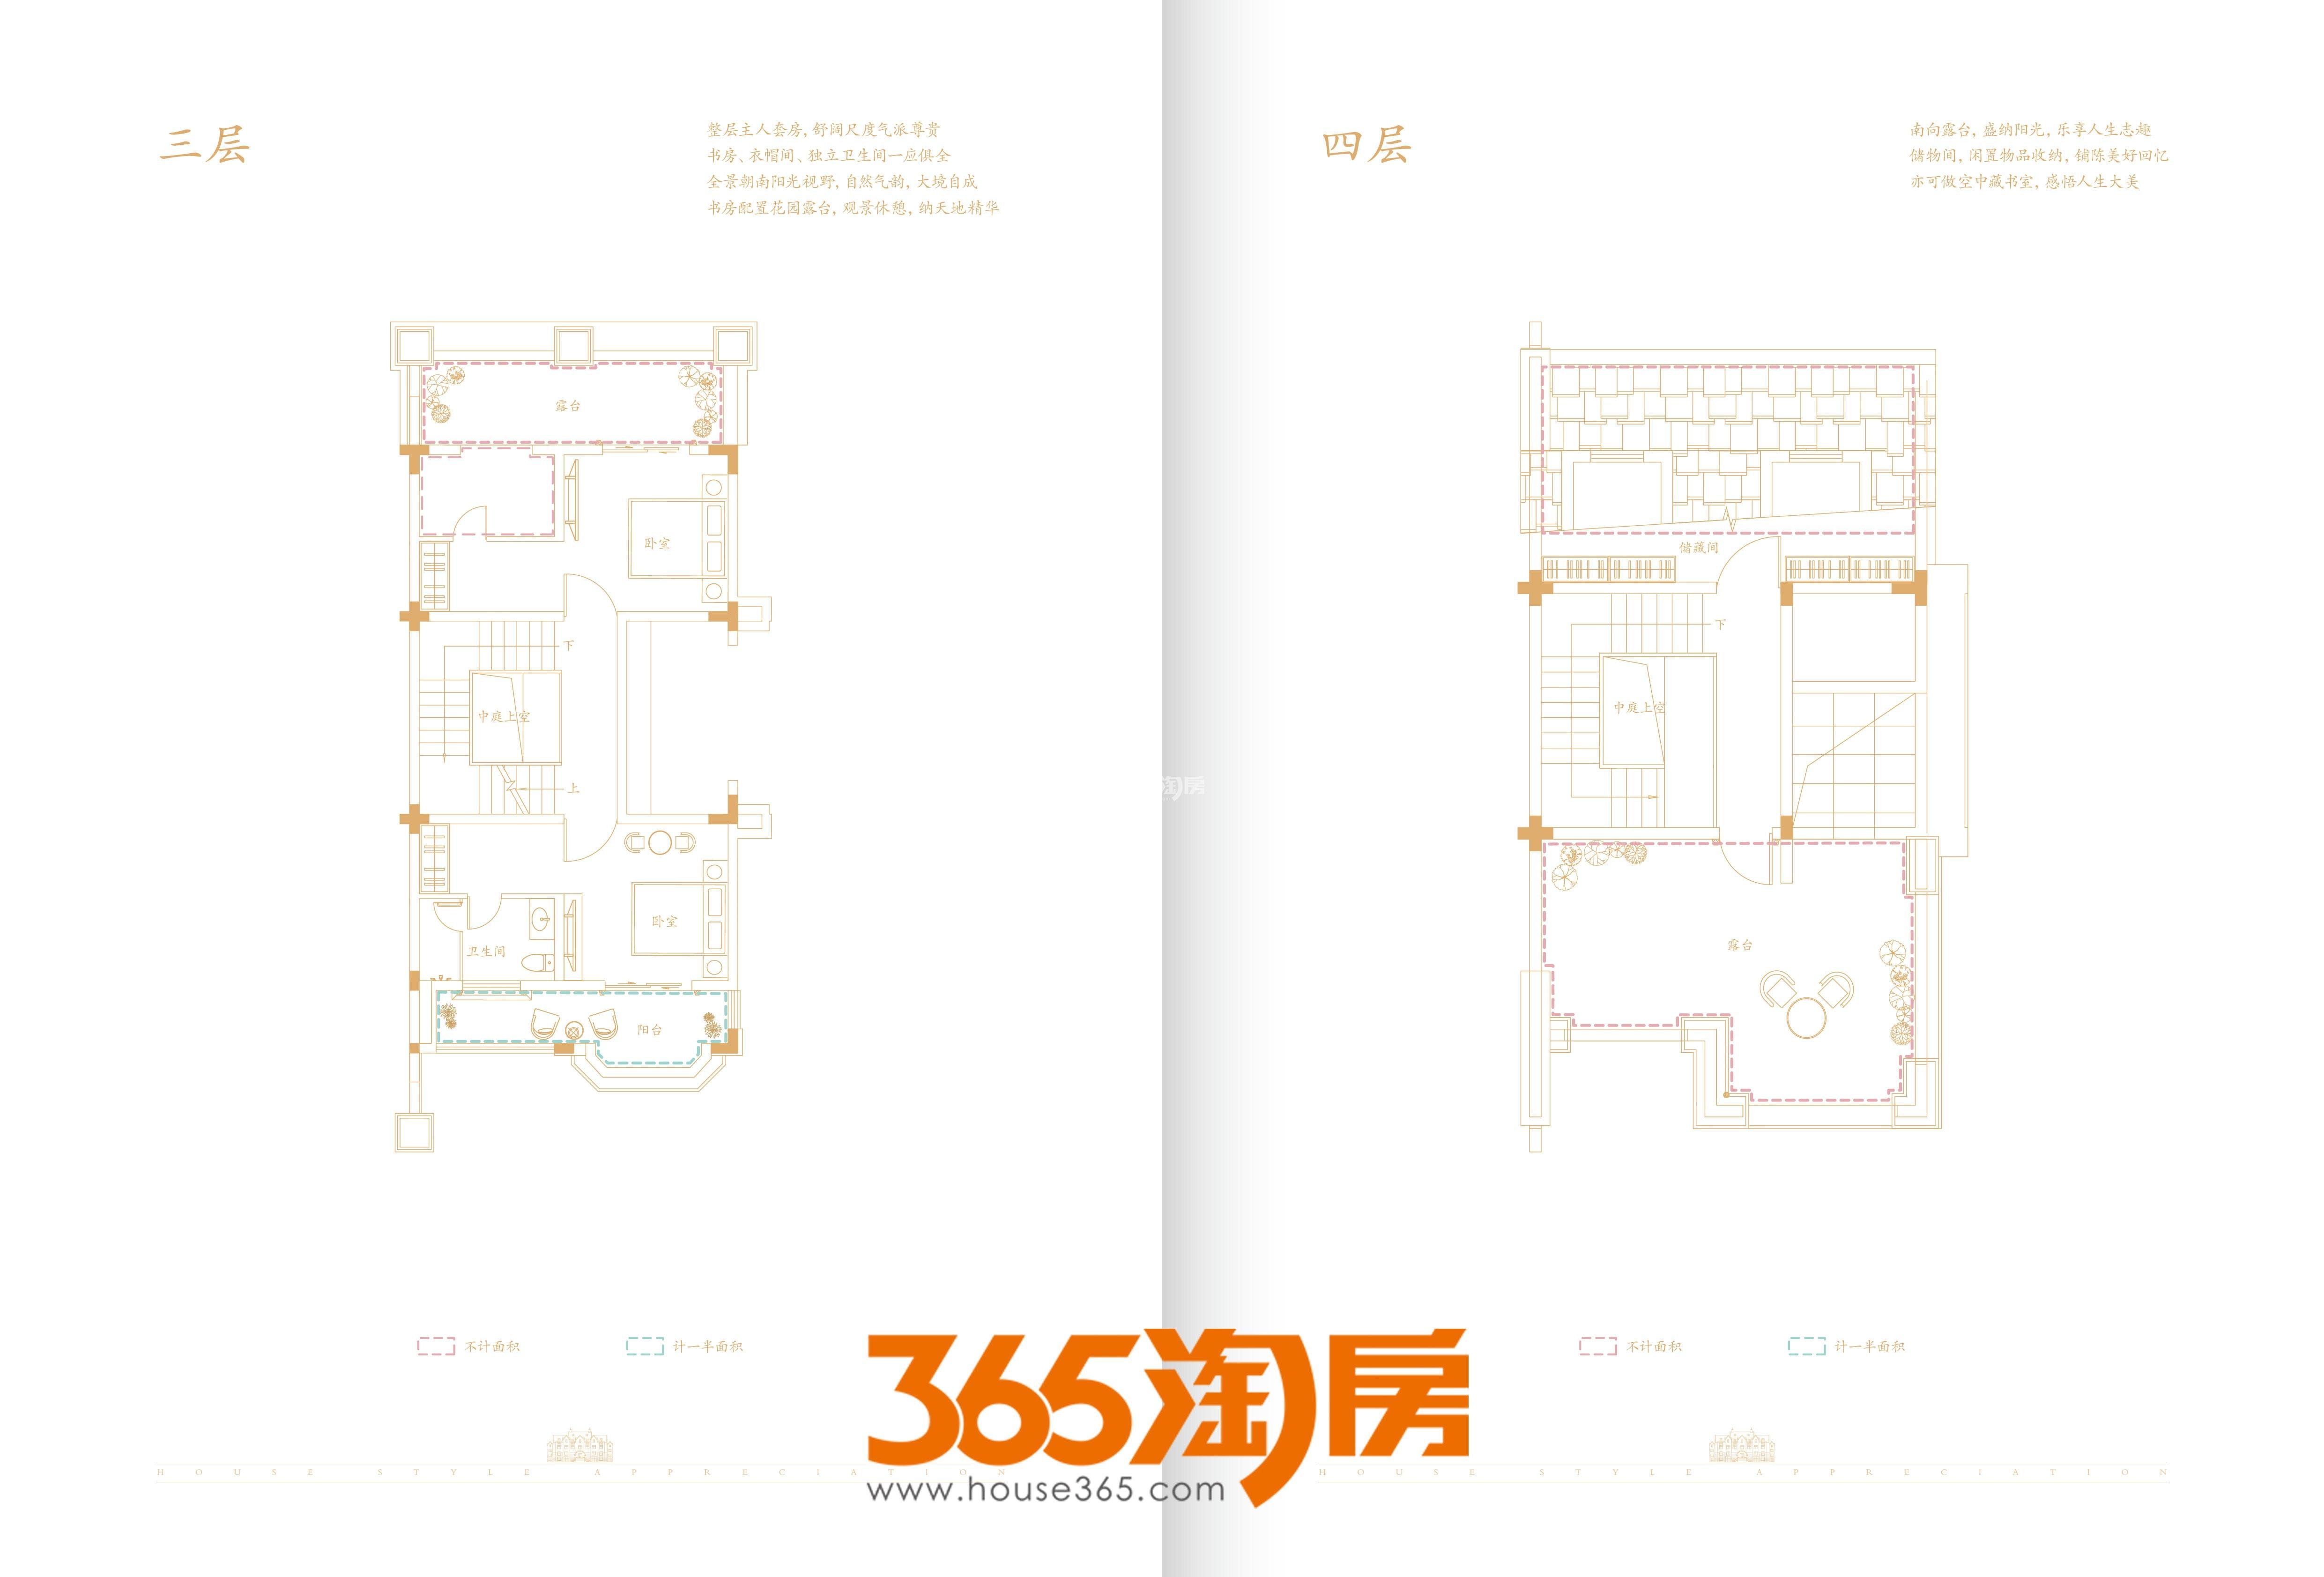 合肥云谷别墅323㎡三层四层户型图